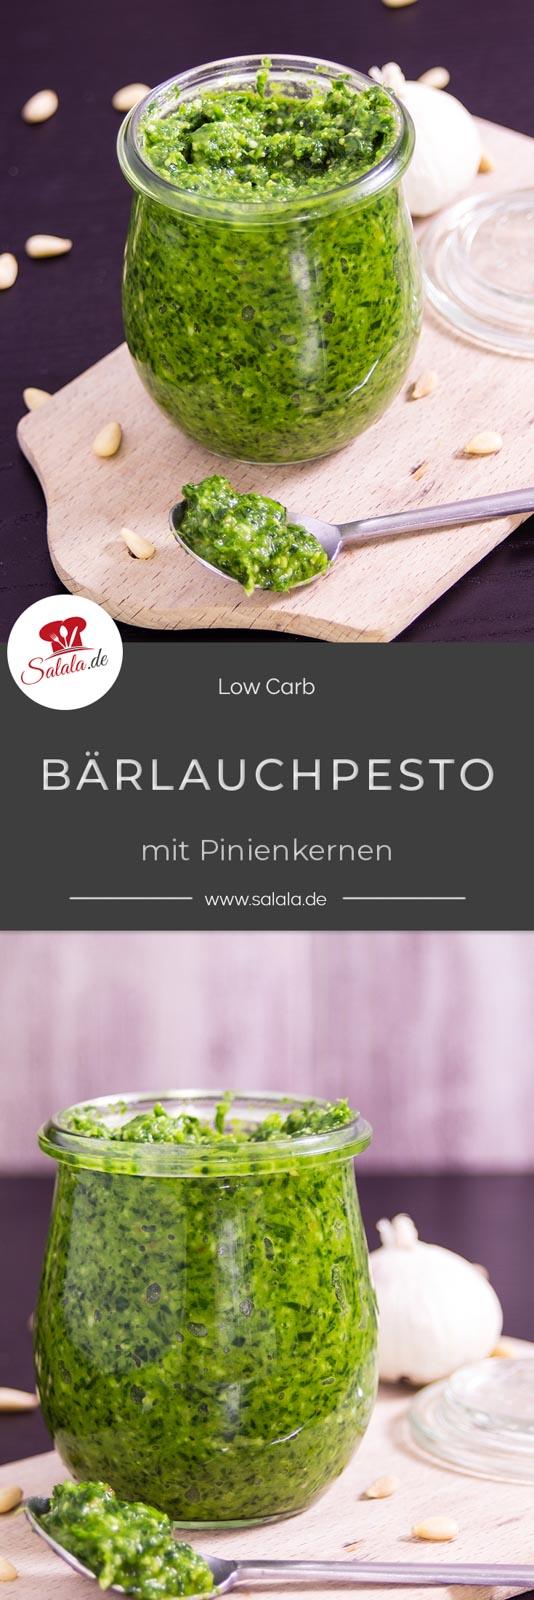 Bärlauchpesto mit Pinienkernen und Parmesan I Low Carb Rezept von salala.de  #Pesto #Bärlauch #Bärlauchpesto #Pestoohnezucker #pestomitPininenkernen